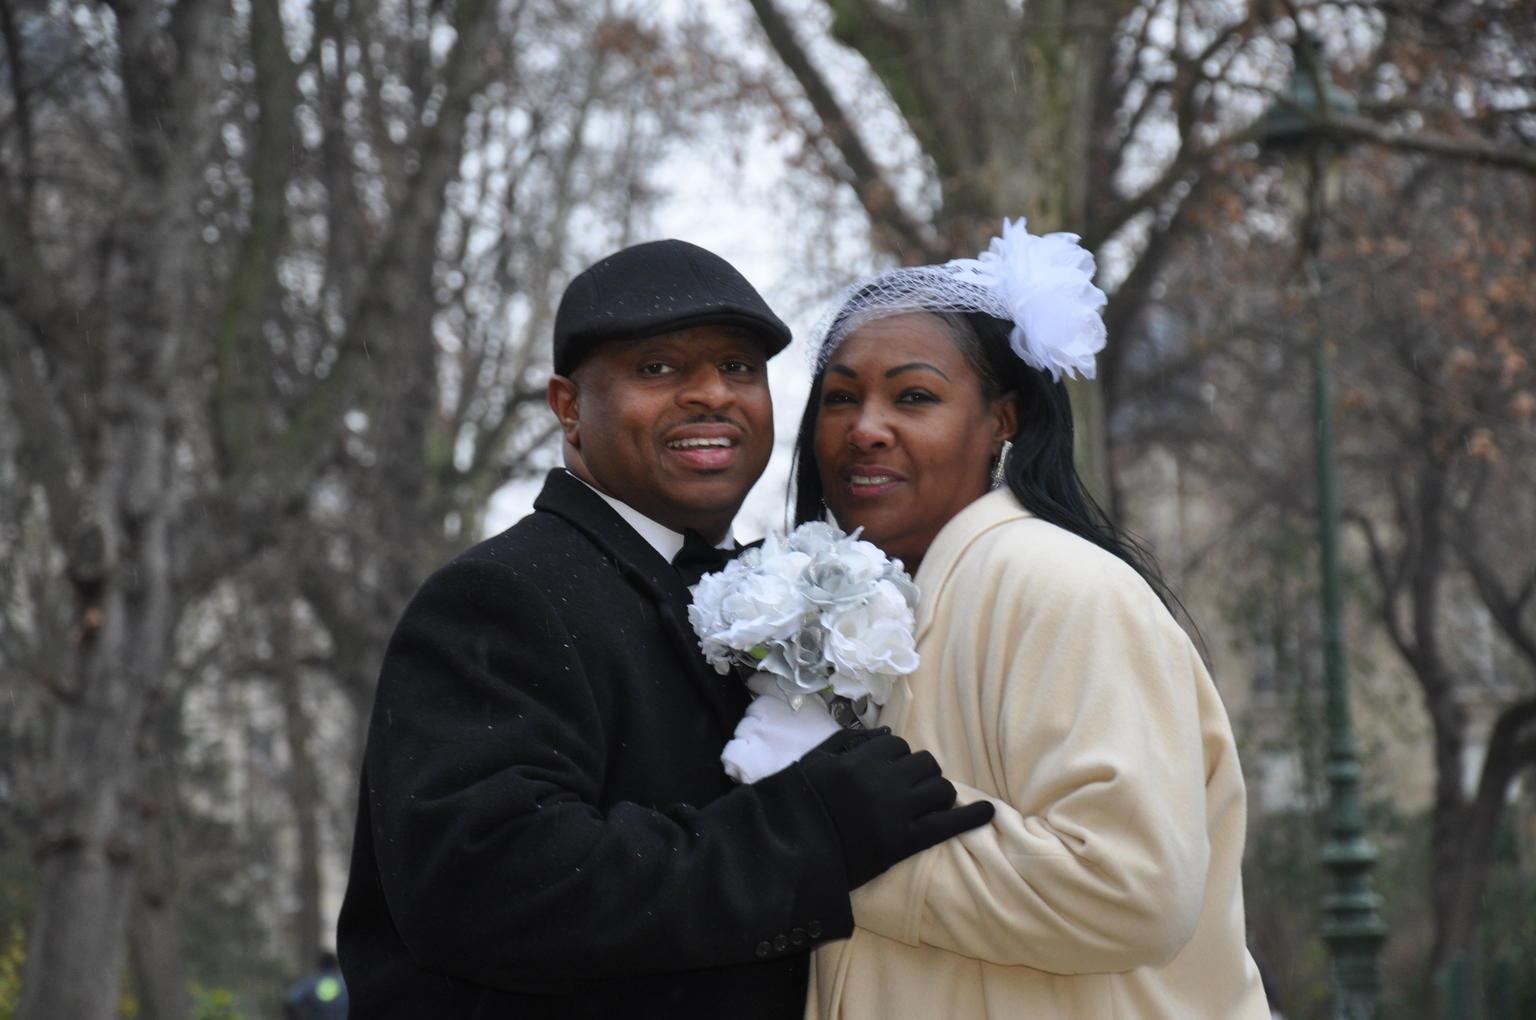 MÁS FOTOS, Renueve sus votos matrimoniales en París